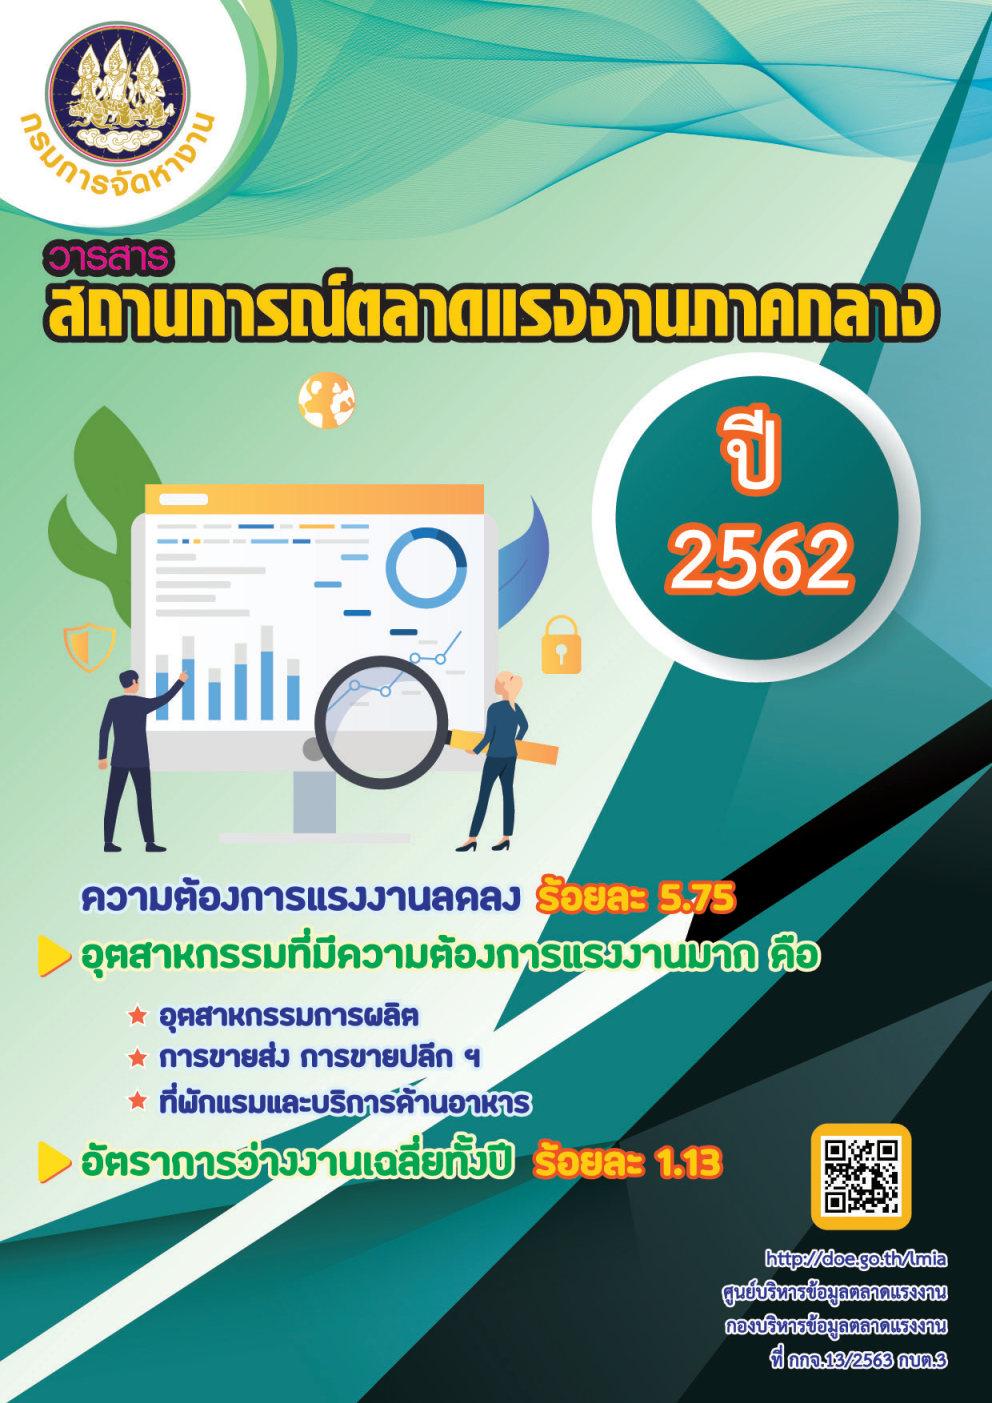 วารสารสถานการณ์ตลาดแรงงานภาคกลางรายปี 2562